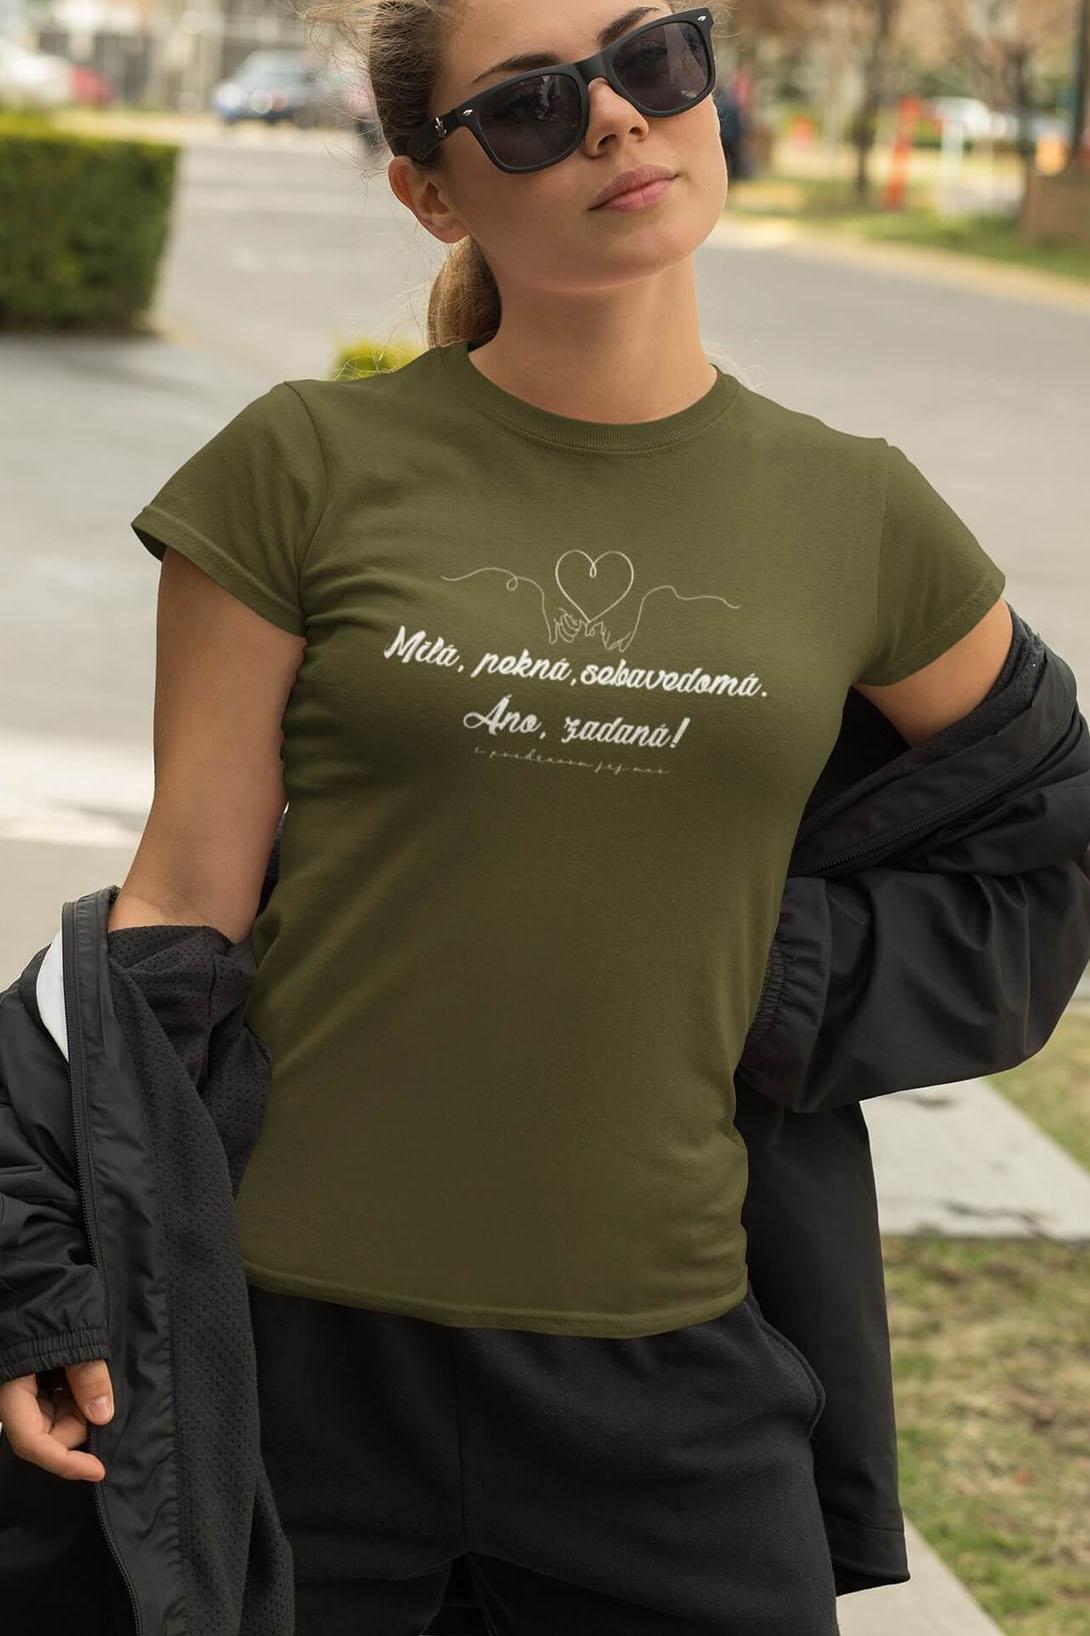 MMO Dámske tričko Milá, pekná, sebavedomá Vyberte farbu: Khaki, Vyberte veľkosť: M